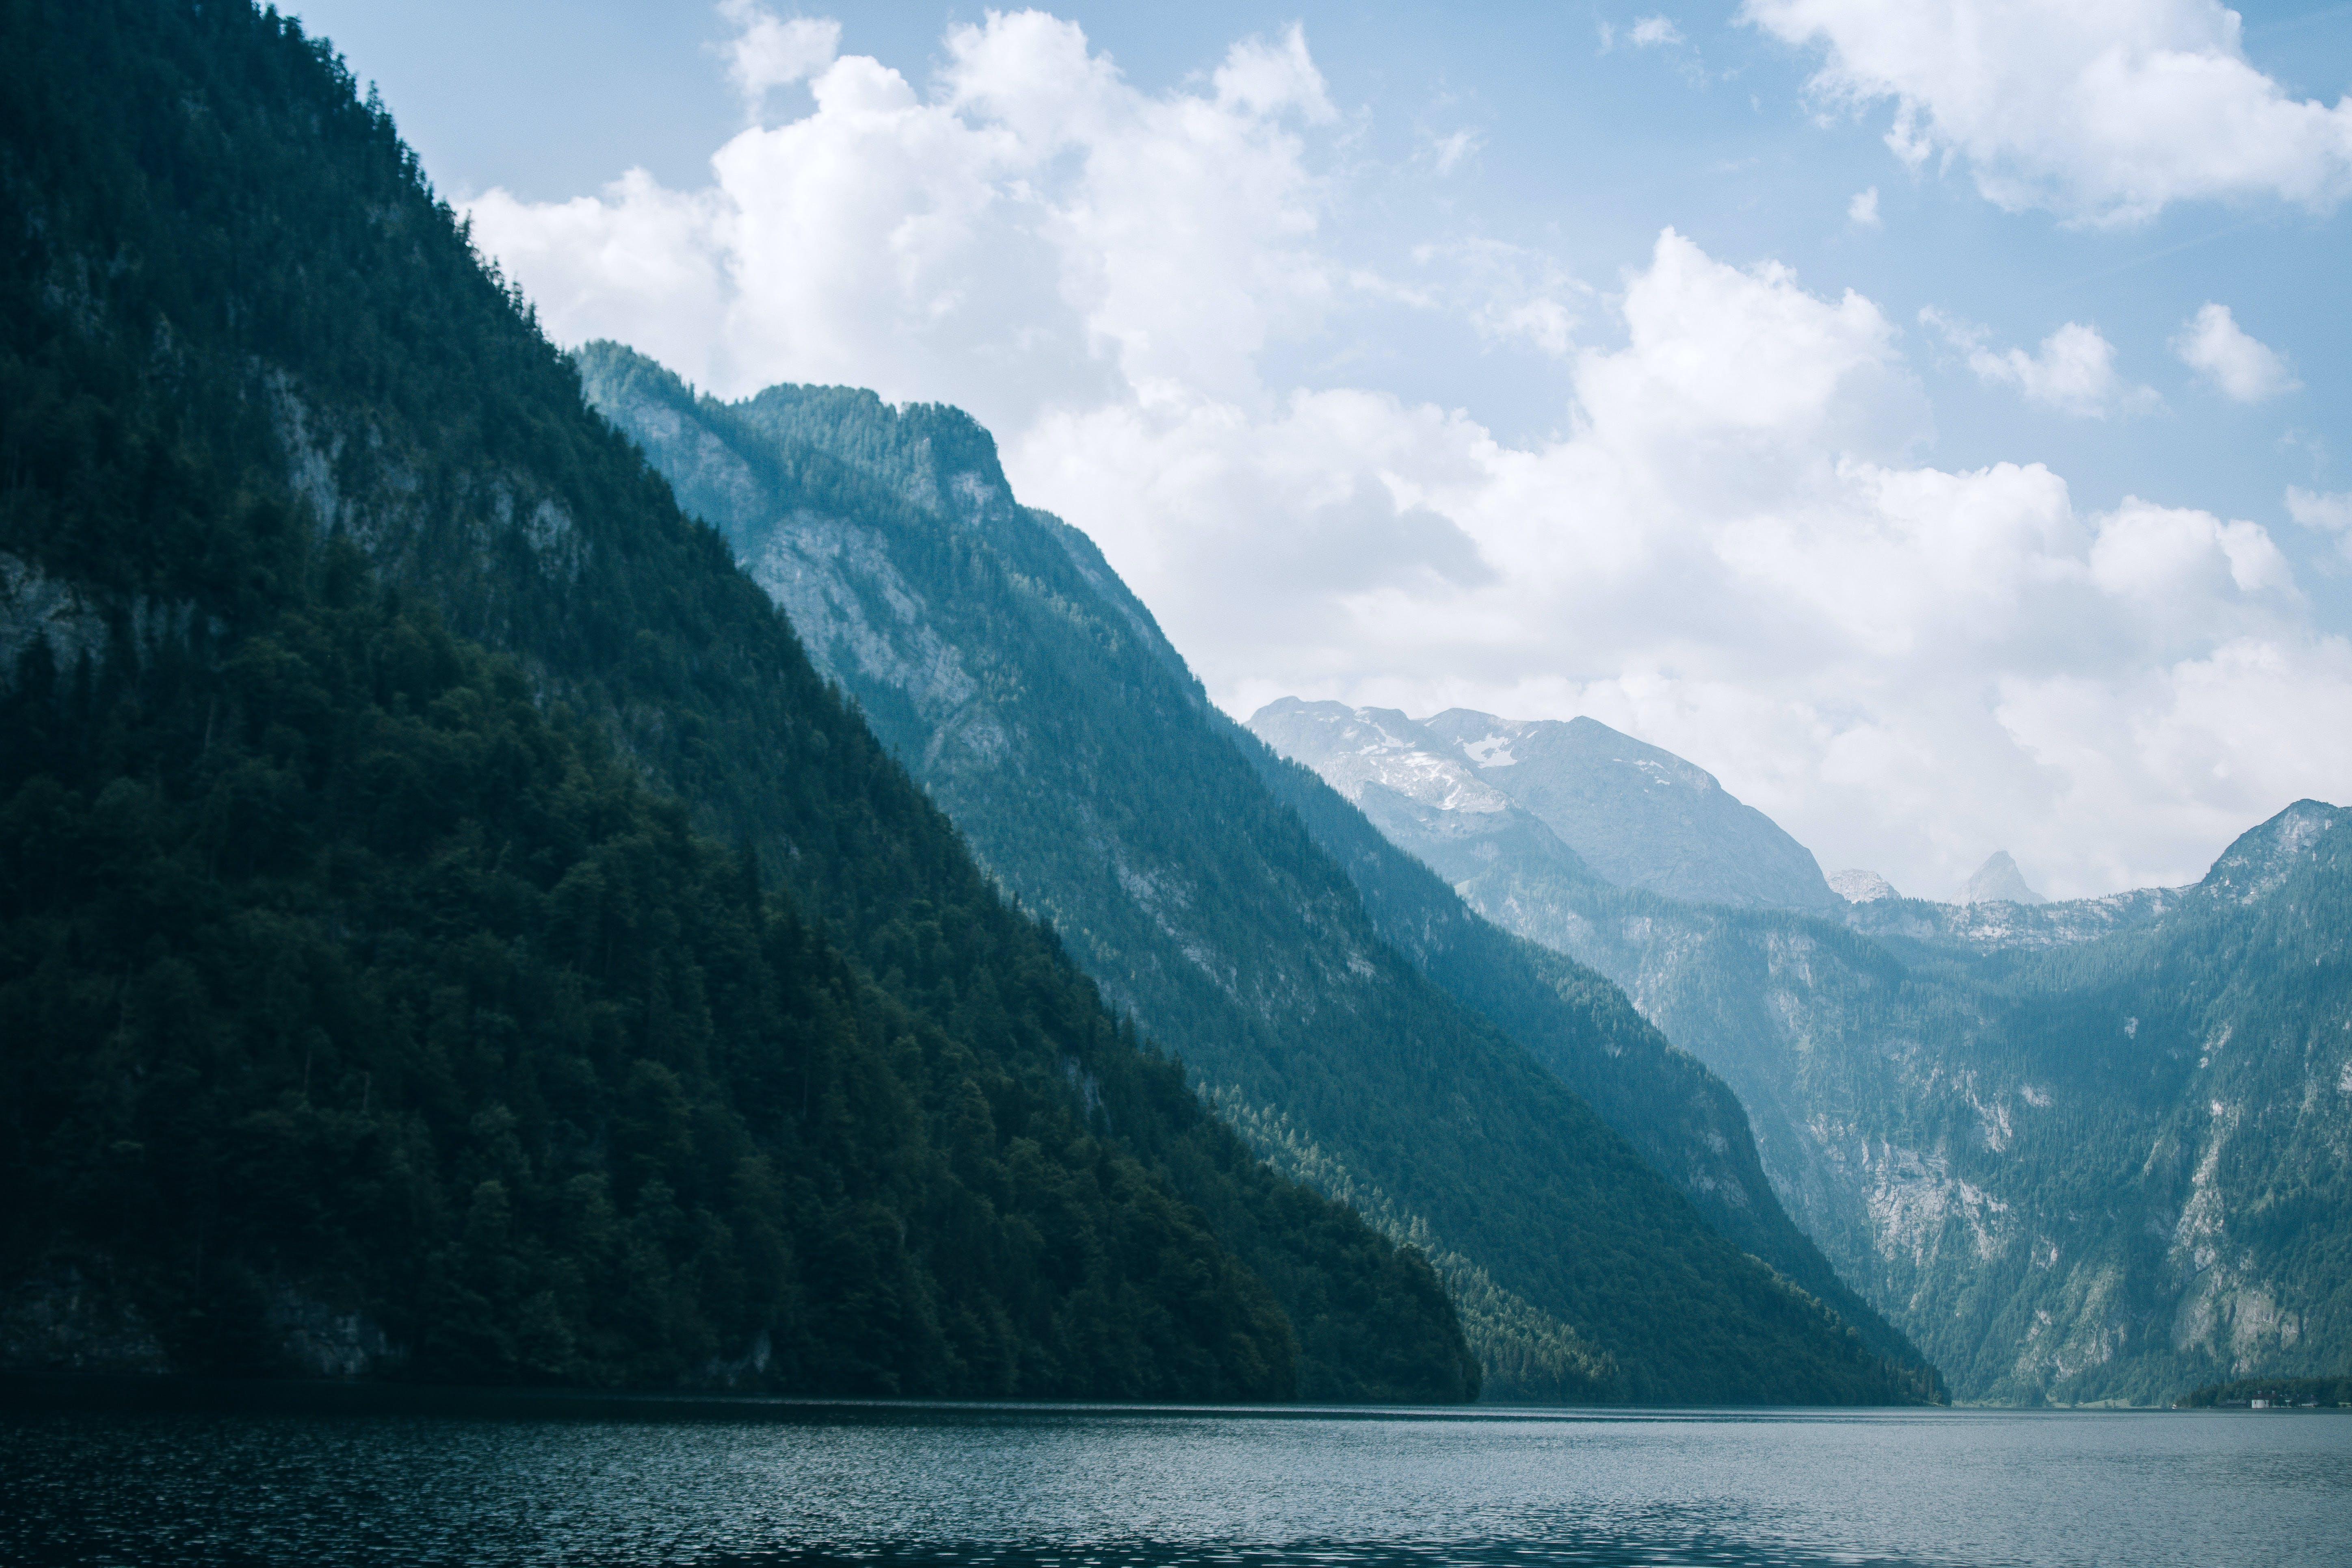 天性, 山, 岩石, 日光 的 免費圖庫相片